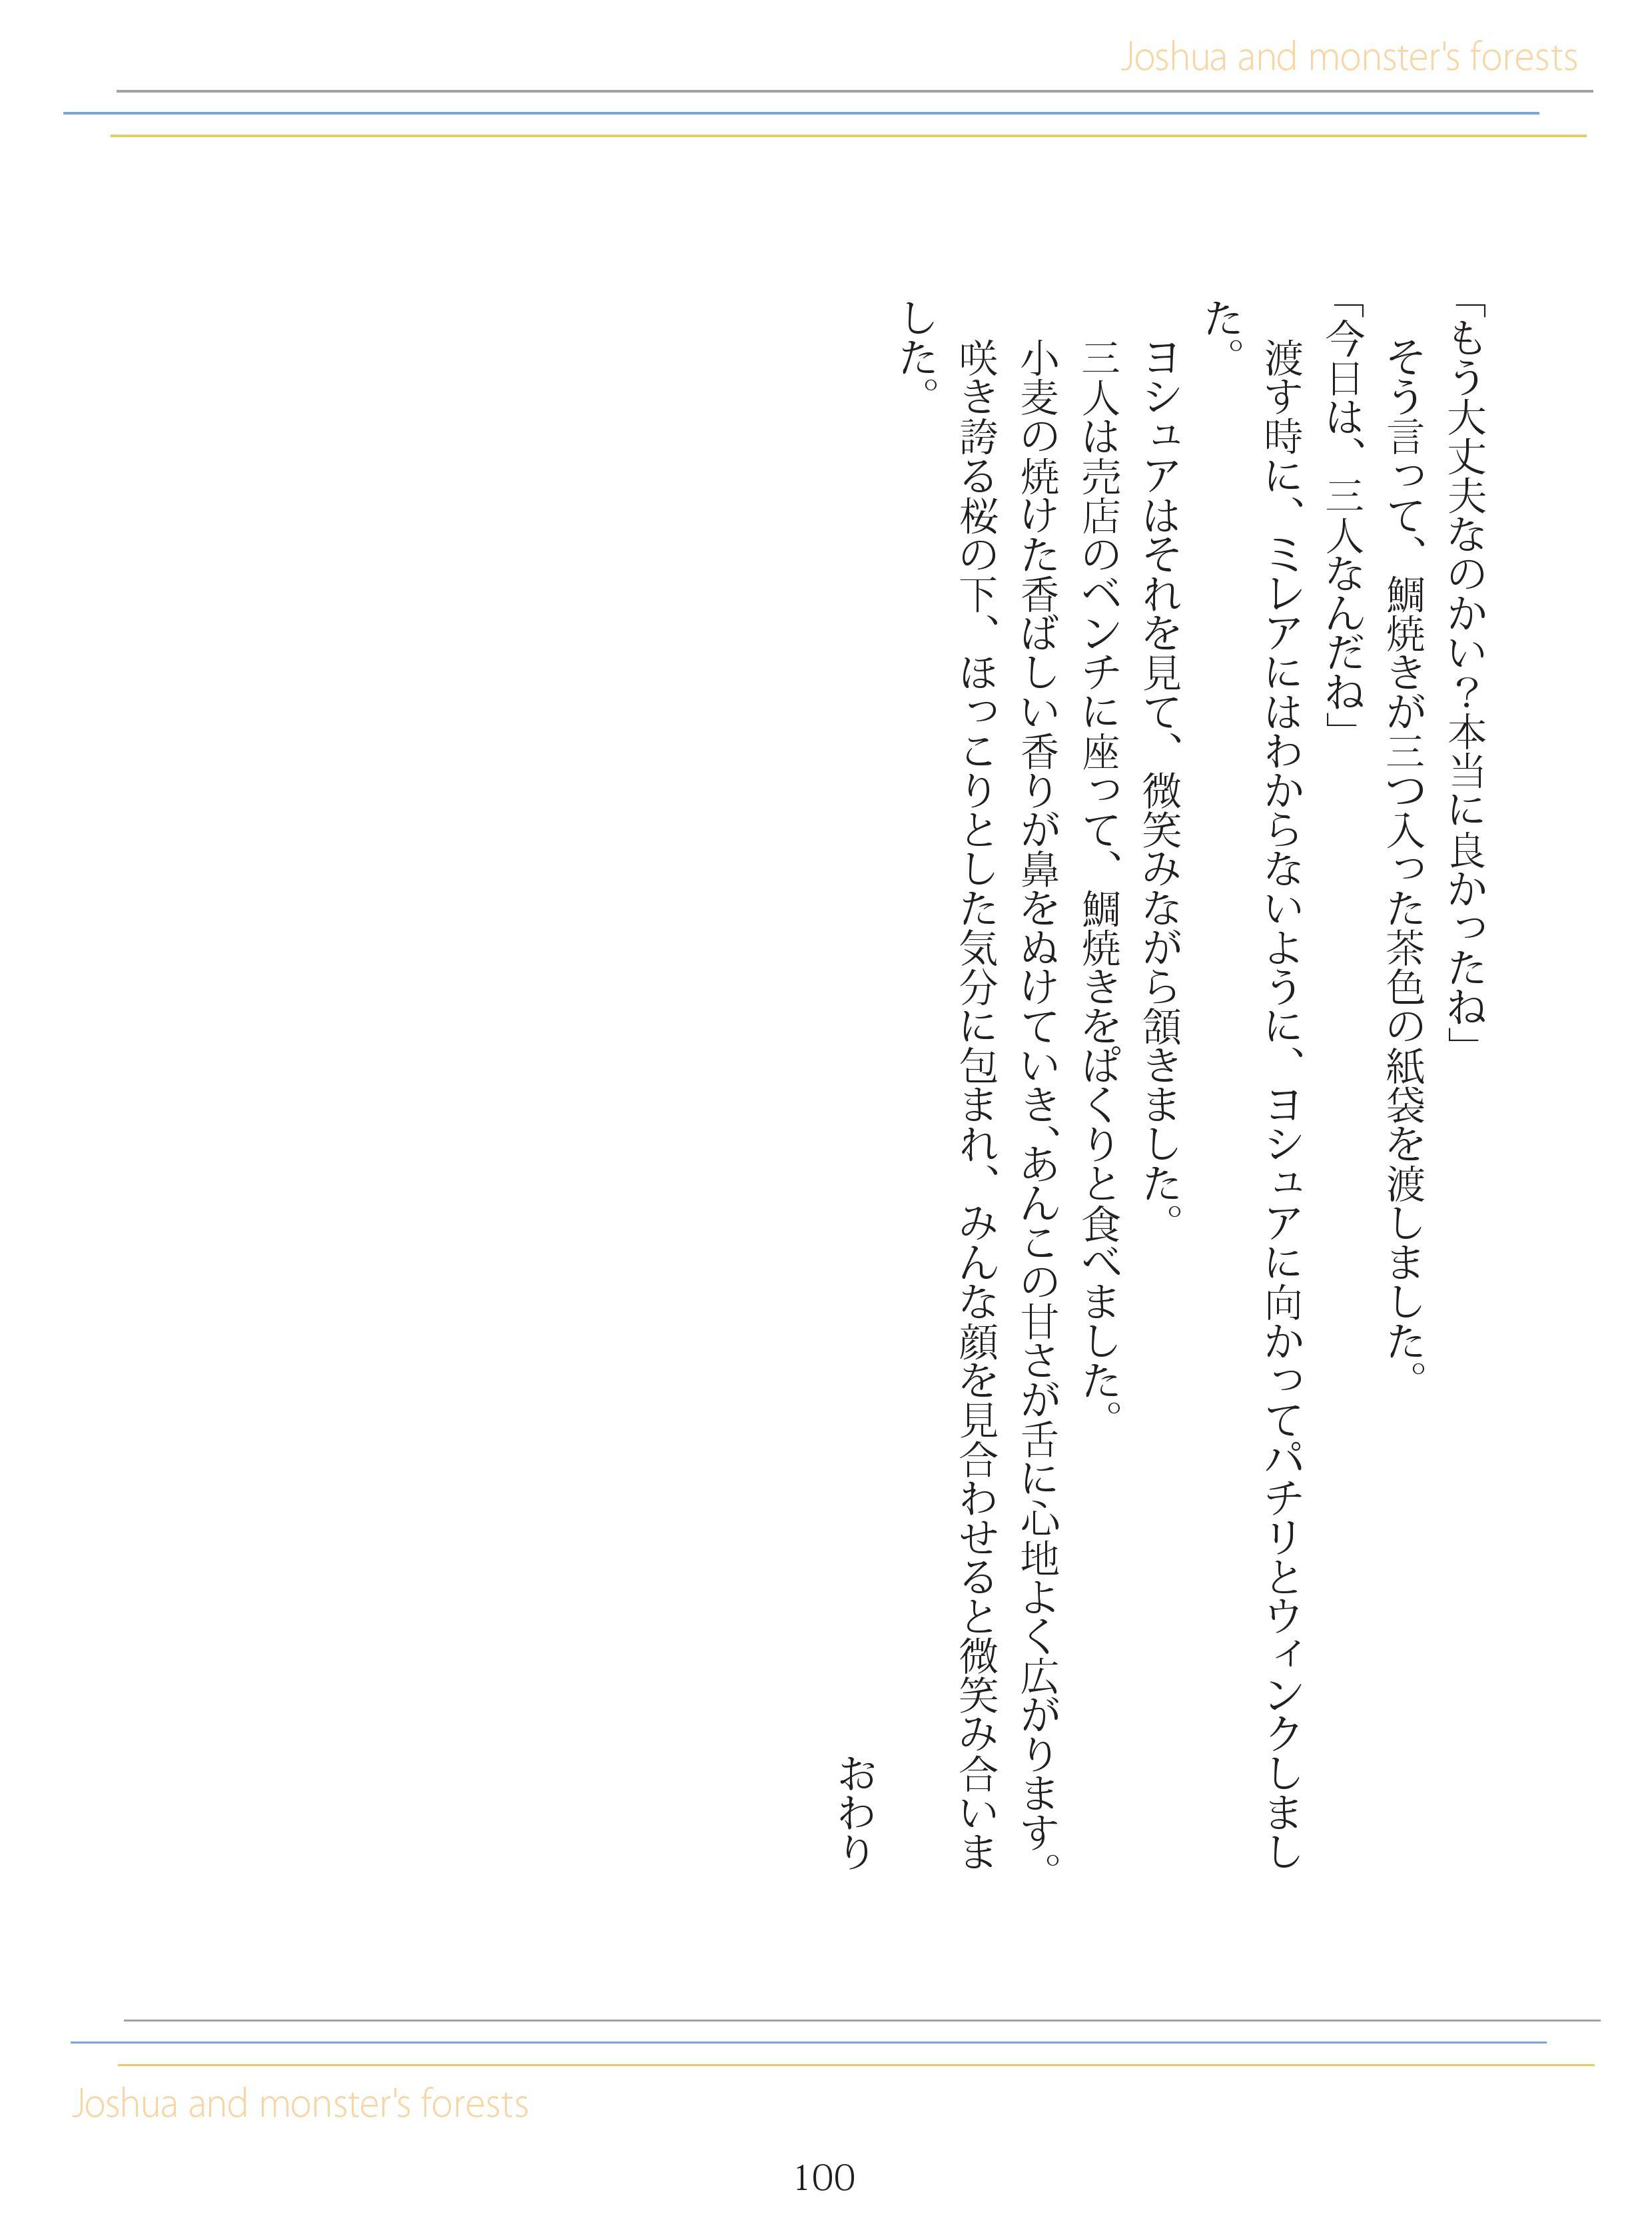 image_101